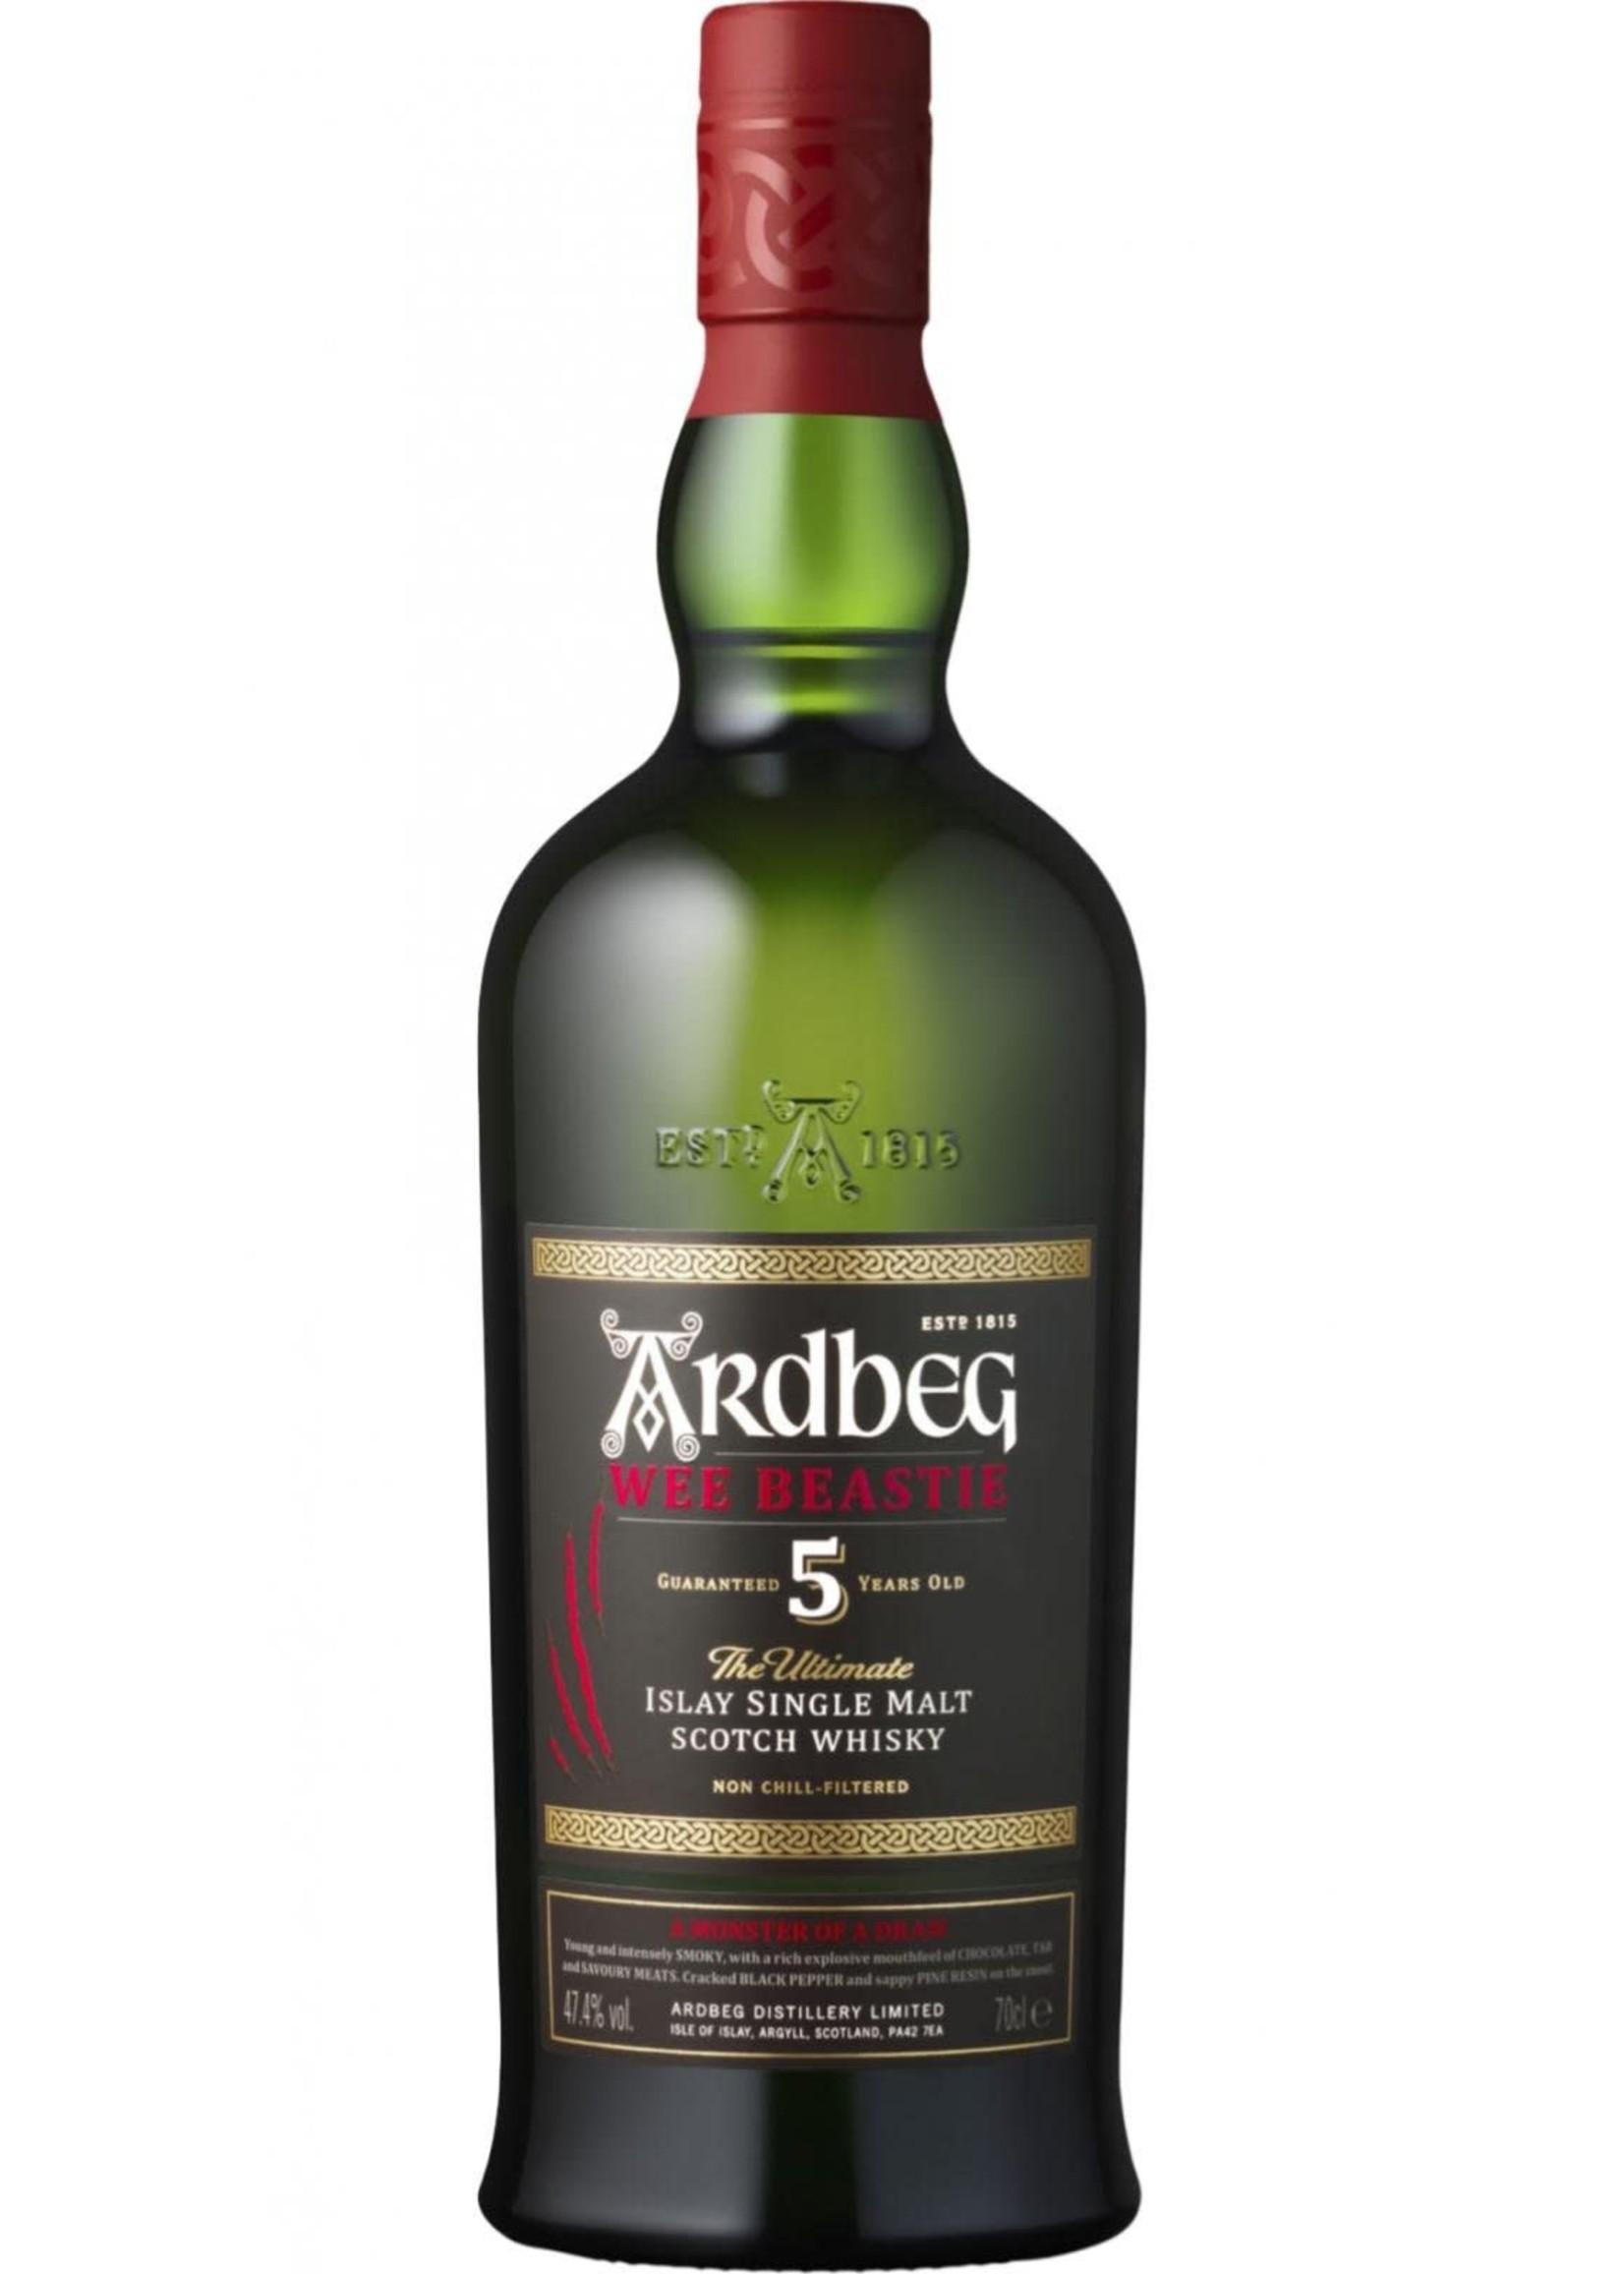 ARDBEG Ardbeg / Wee Beastie 5 year single malt / 750mL